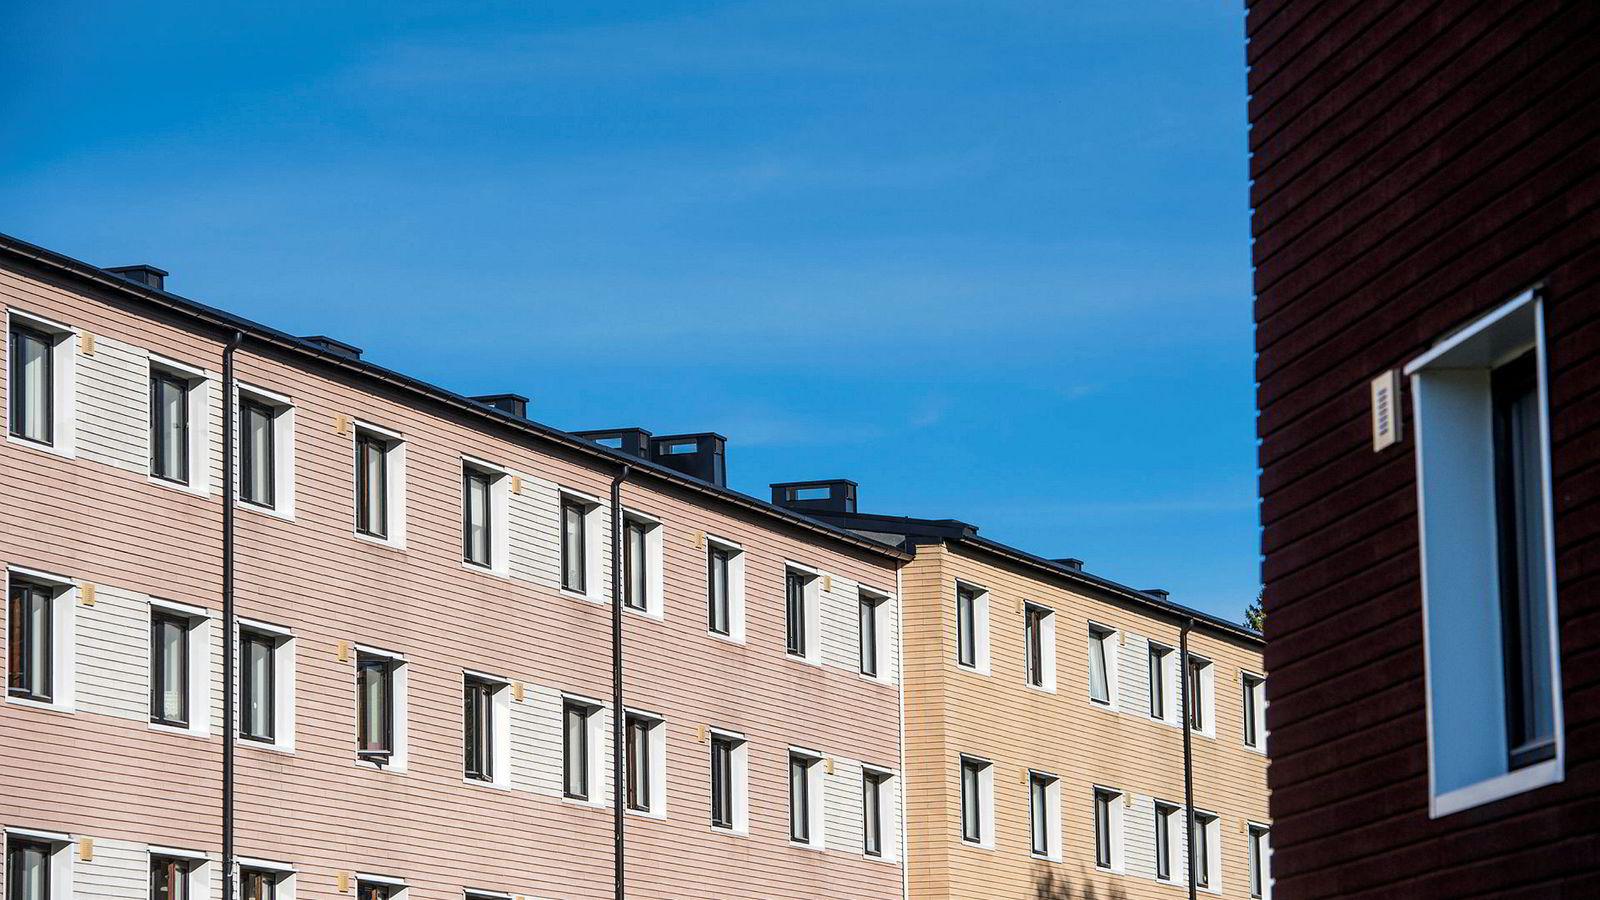 Obos forventer at boligprisene i Oslo skal stige fire prosent i 2019. (Arkivfoto av Obos-leiligheter på Lambertseter i Oslo.)